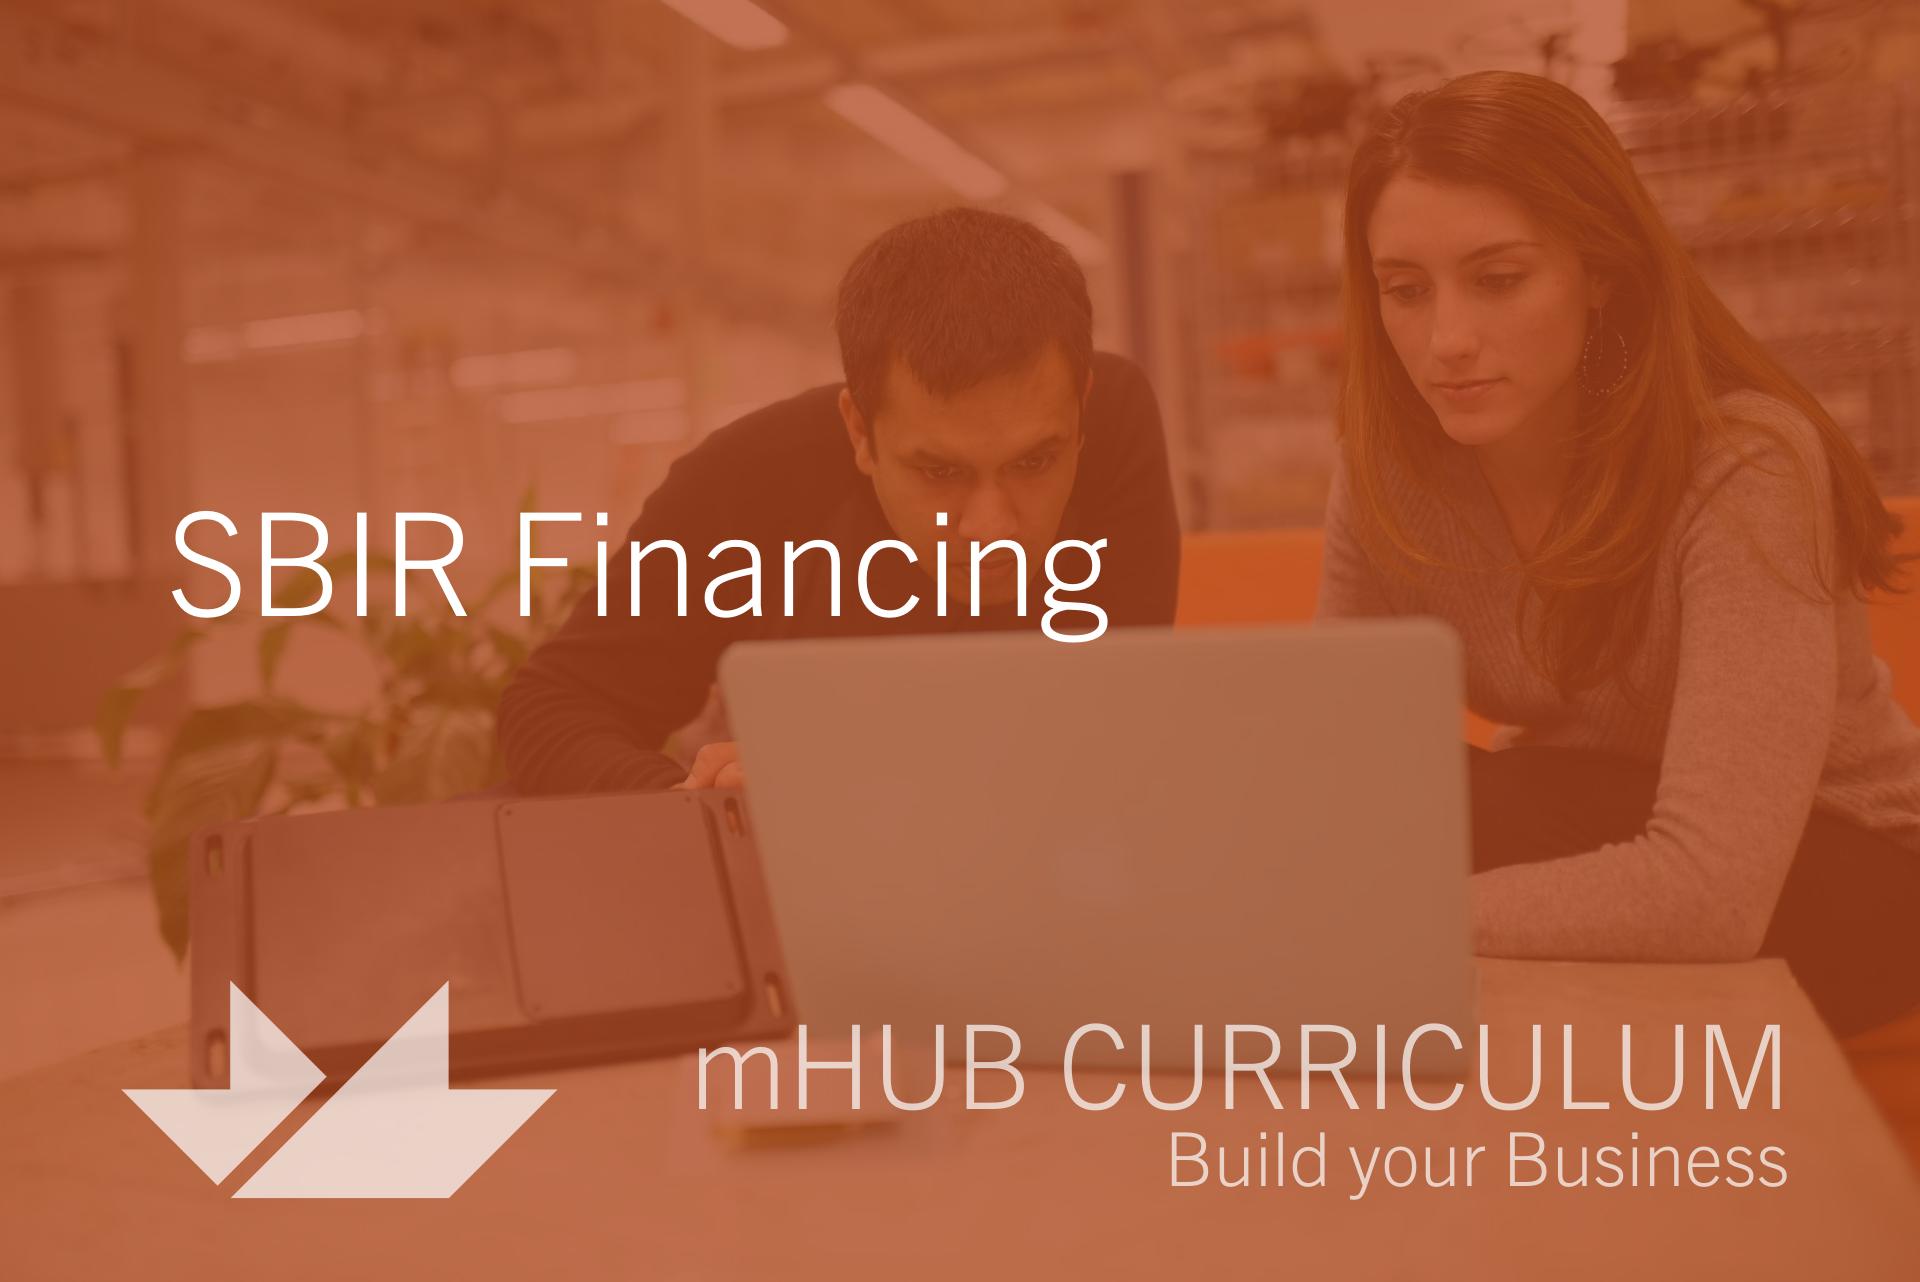 SBIR Financing